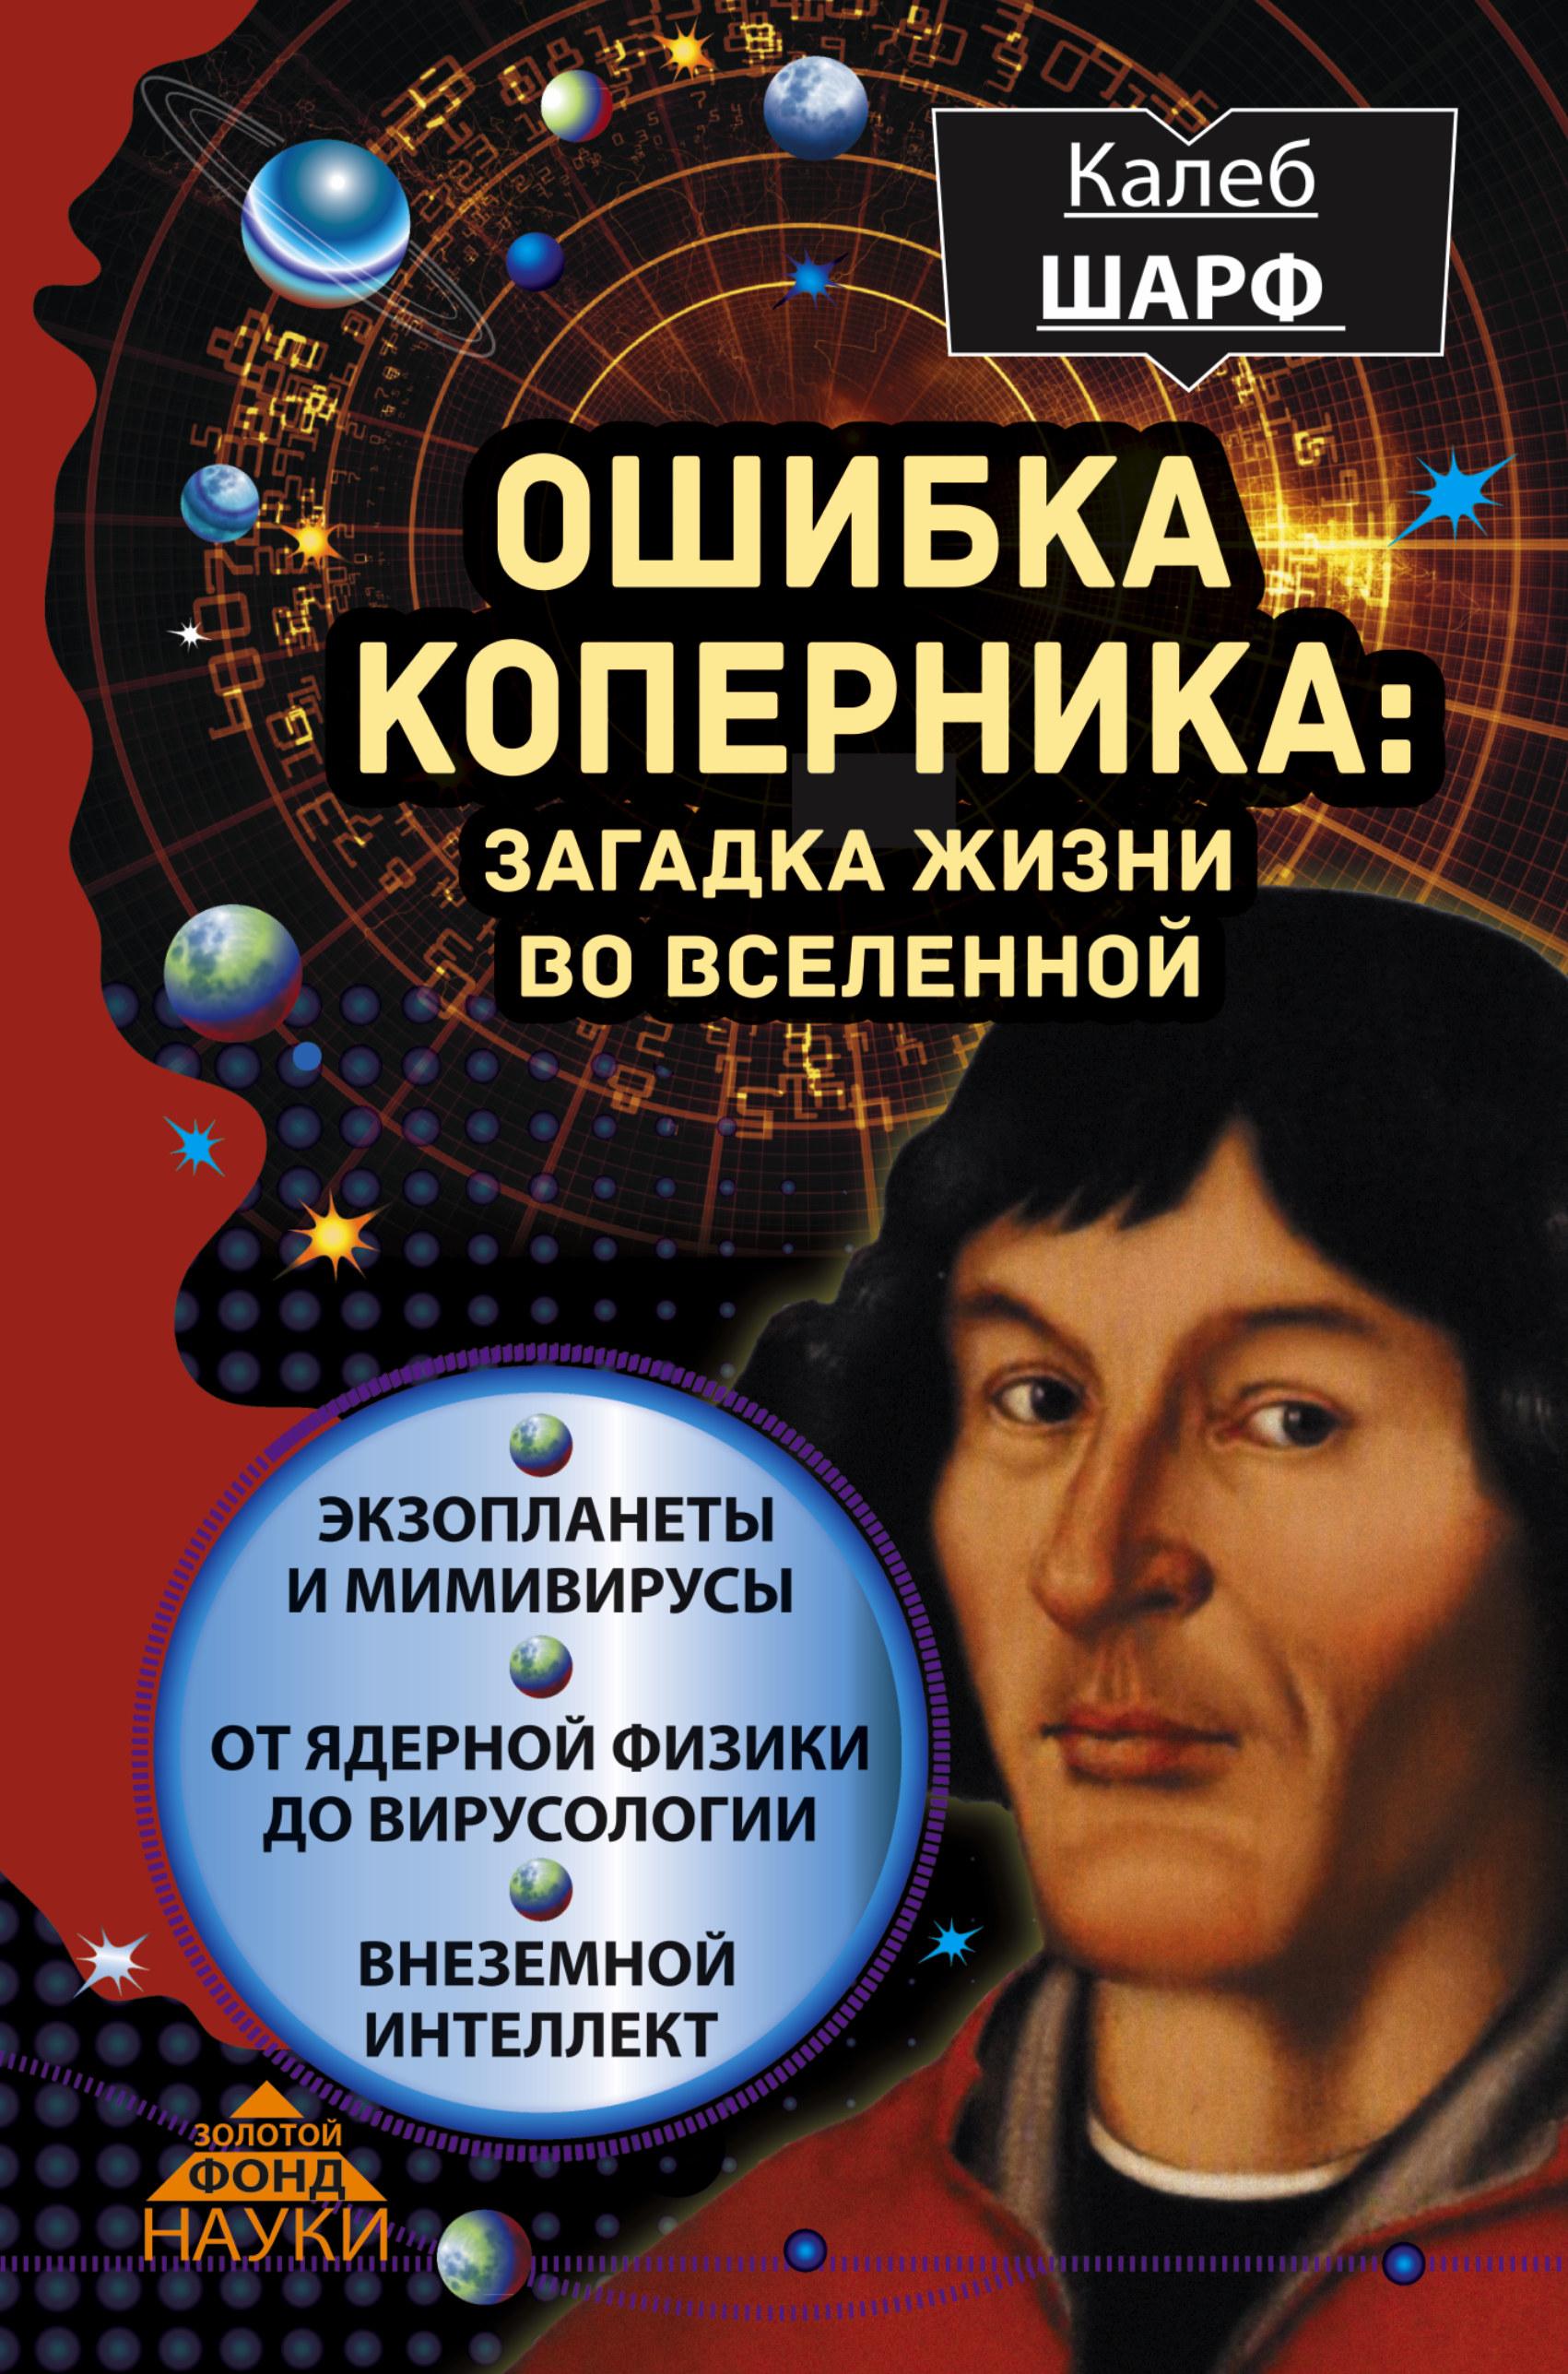 Шарф Калеб Ошибка Коперника: загадка жизни во Вселенной издательство аст ошибка коперника загадка жизни во вселенной